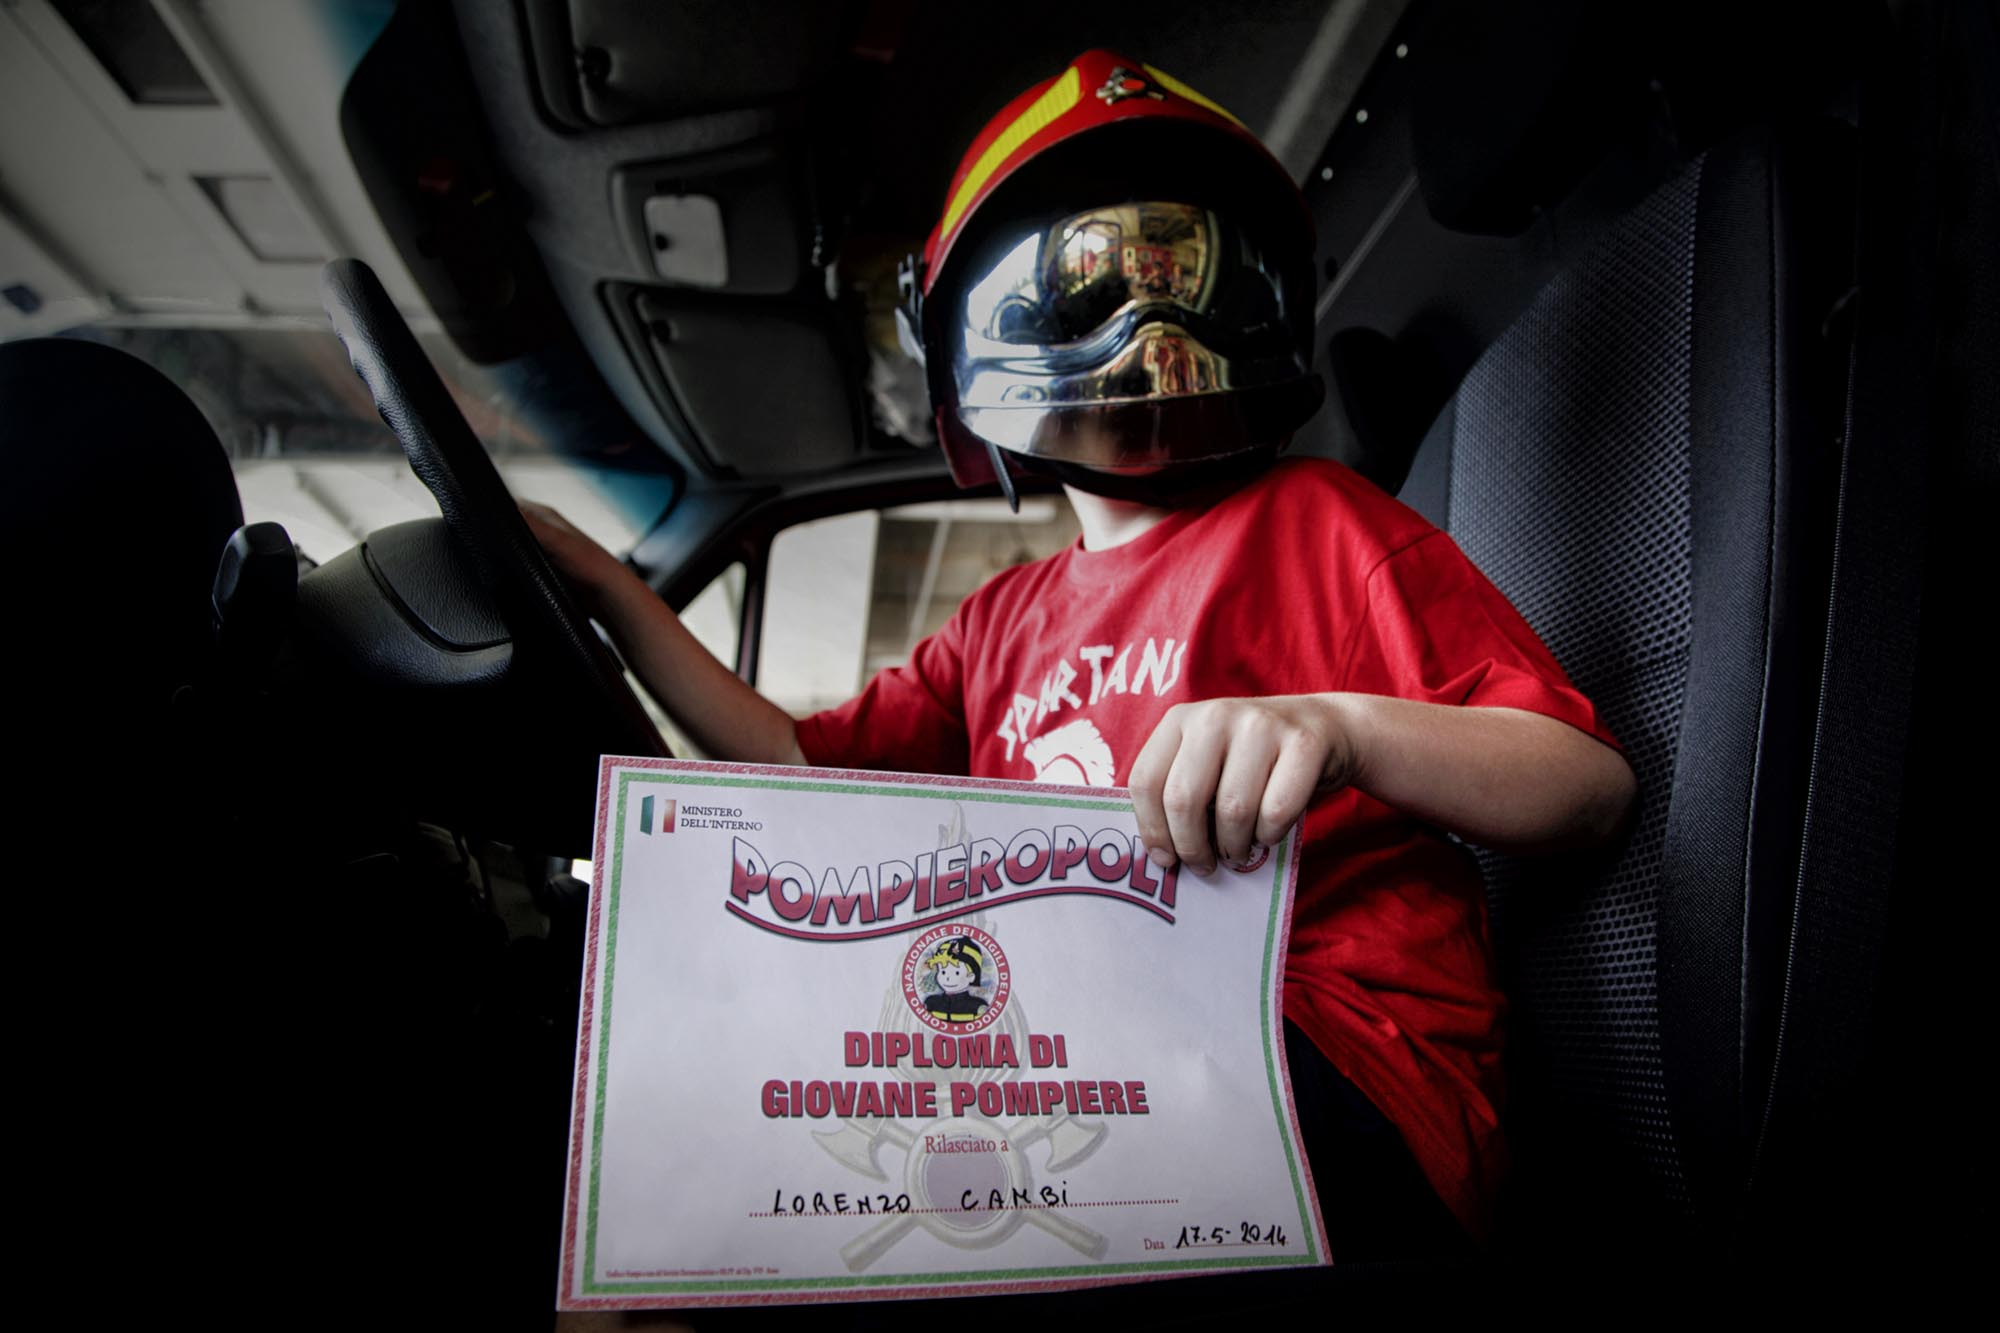 0029 pompieropoli esercitazioni antincendio con bambini - Pompieropoli, esercitazione antincendio con i bambini